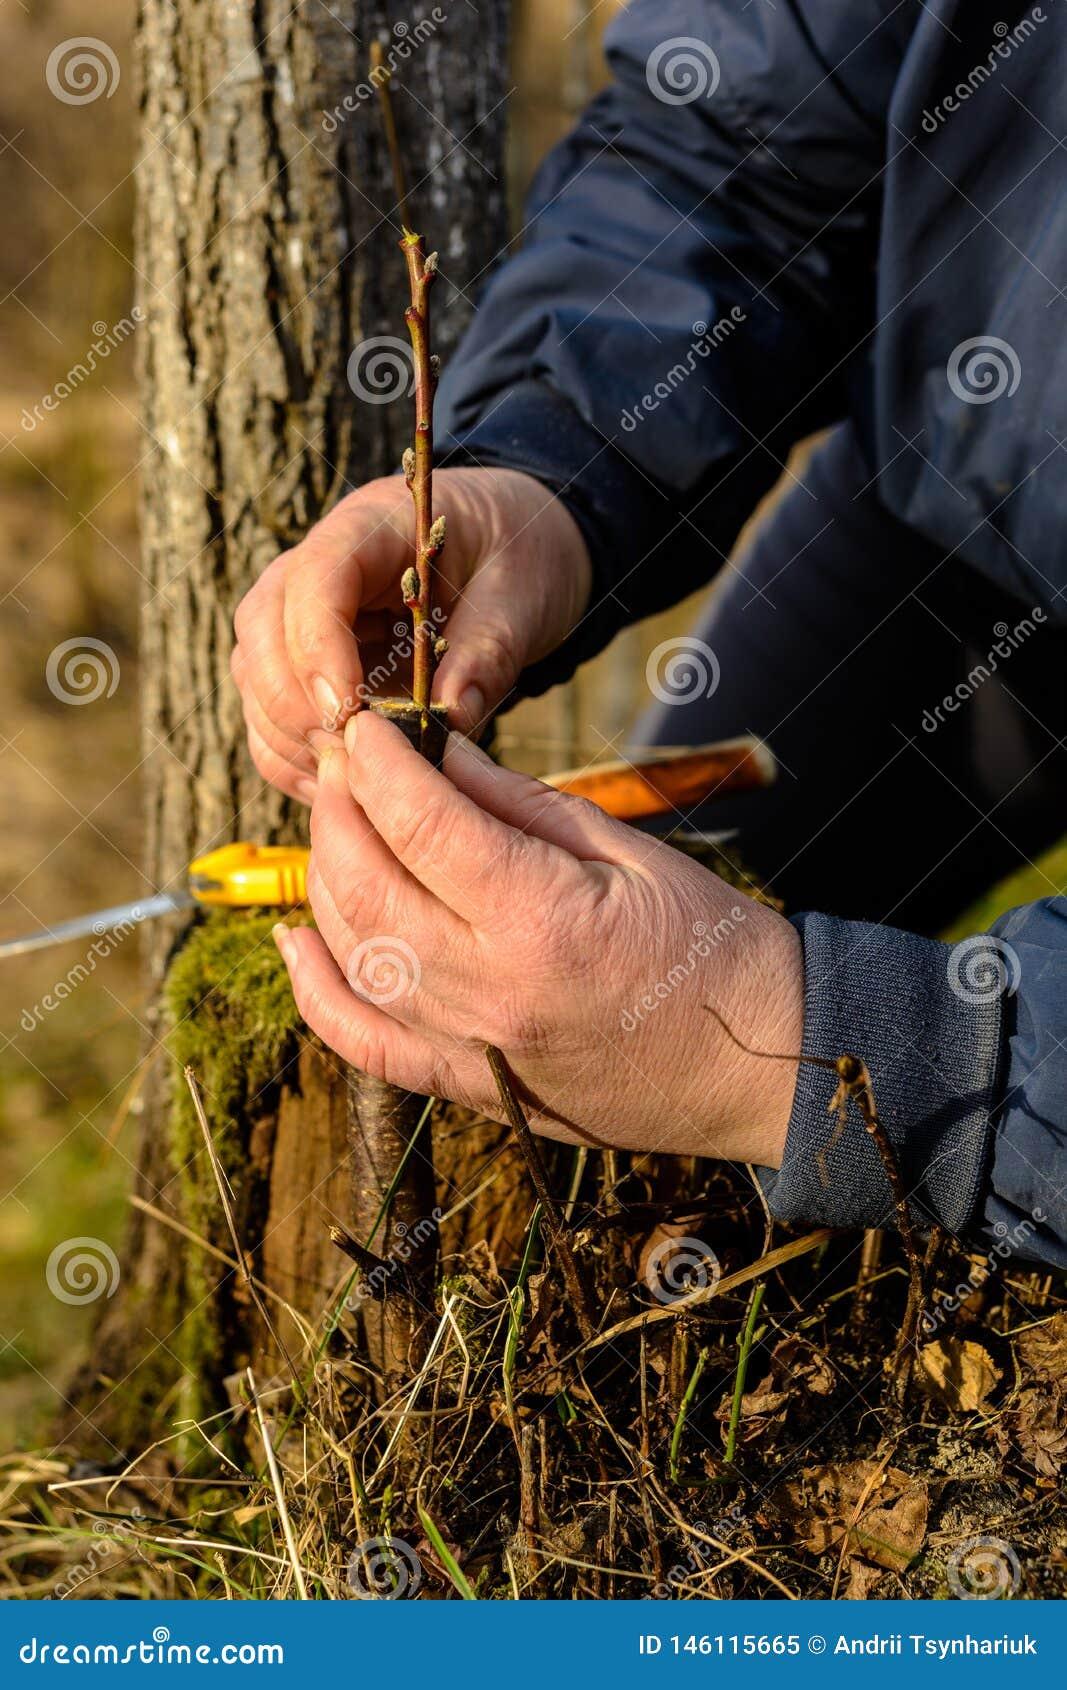 Eine Frau macht einen Obstbaum im Garten und befestigt einen jungen Zweig